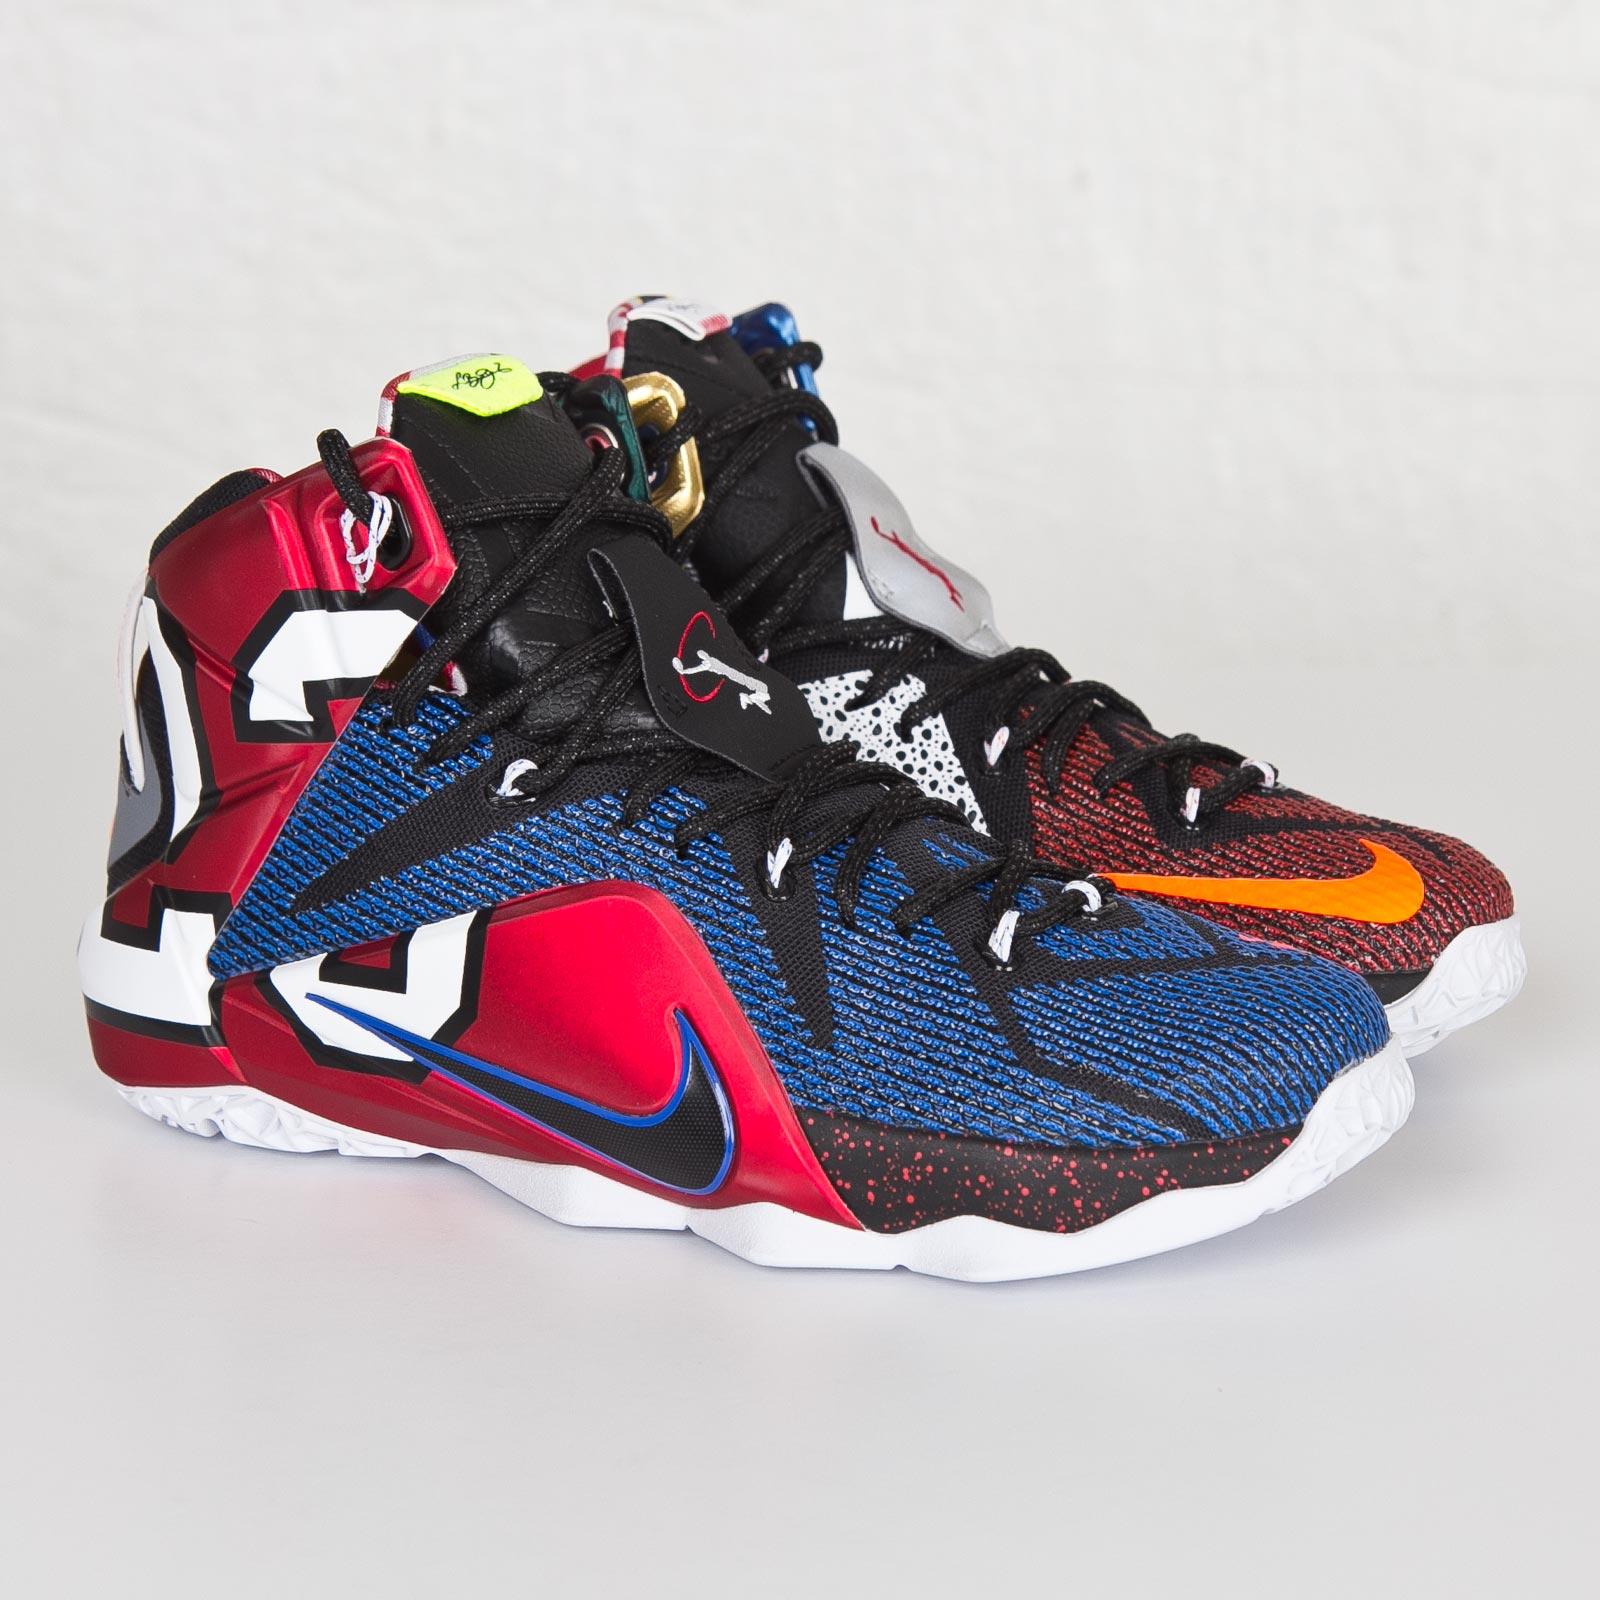 9c51fded4911 Nike Lebron XII SE - 802193-909 - Sneakersnstuff